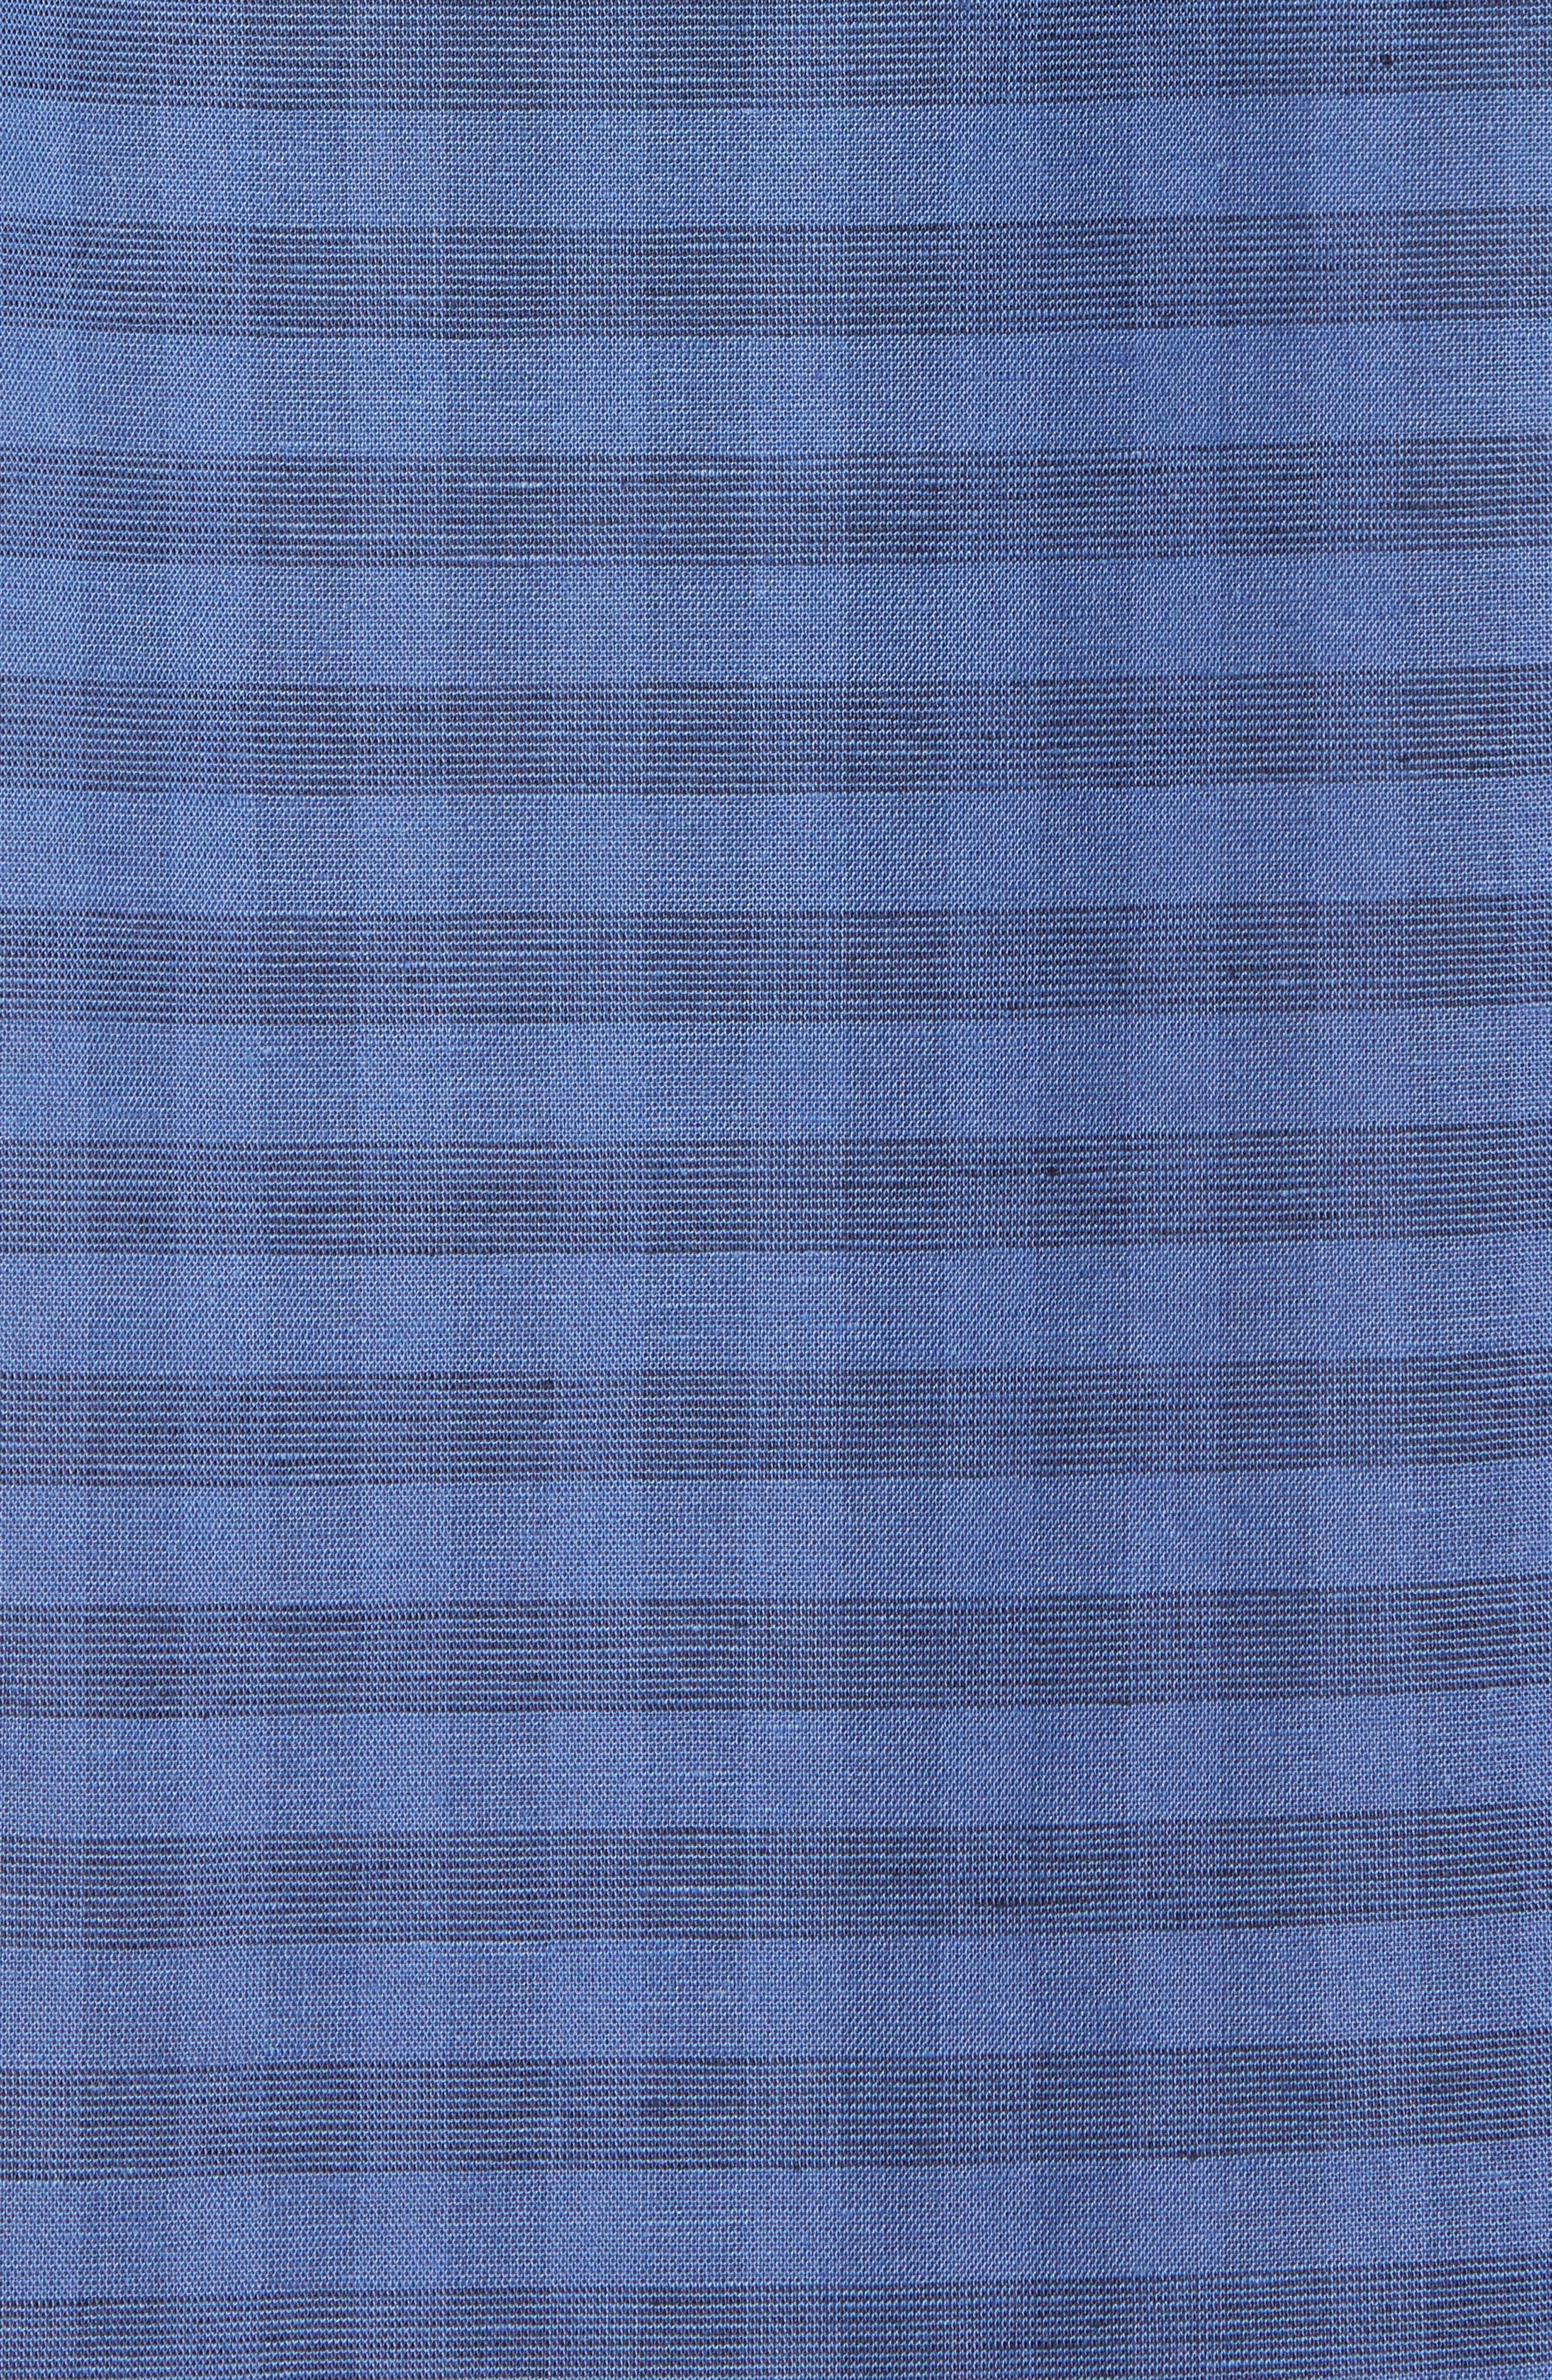 Slim Fit Check Cotton & Linen Sport Shirt,                             Alternate thumbnail 5, color,                             400